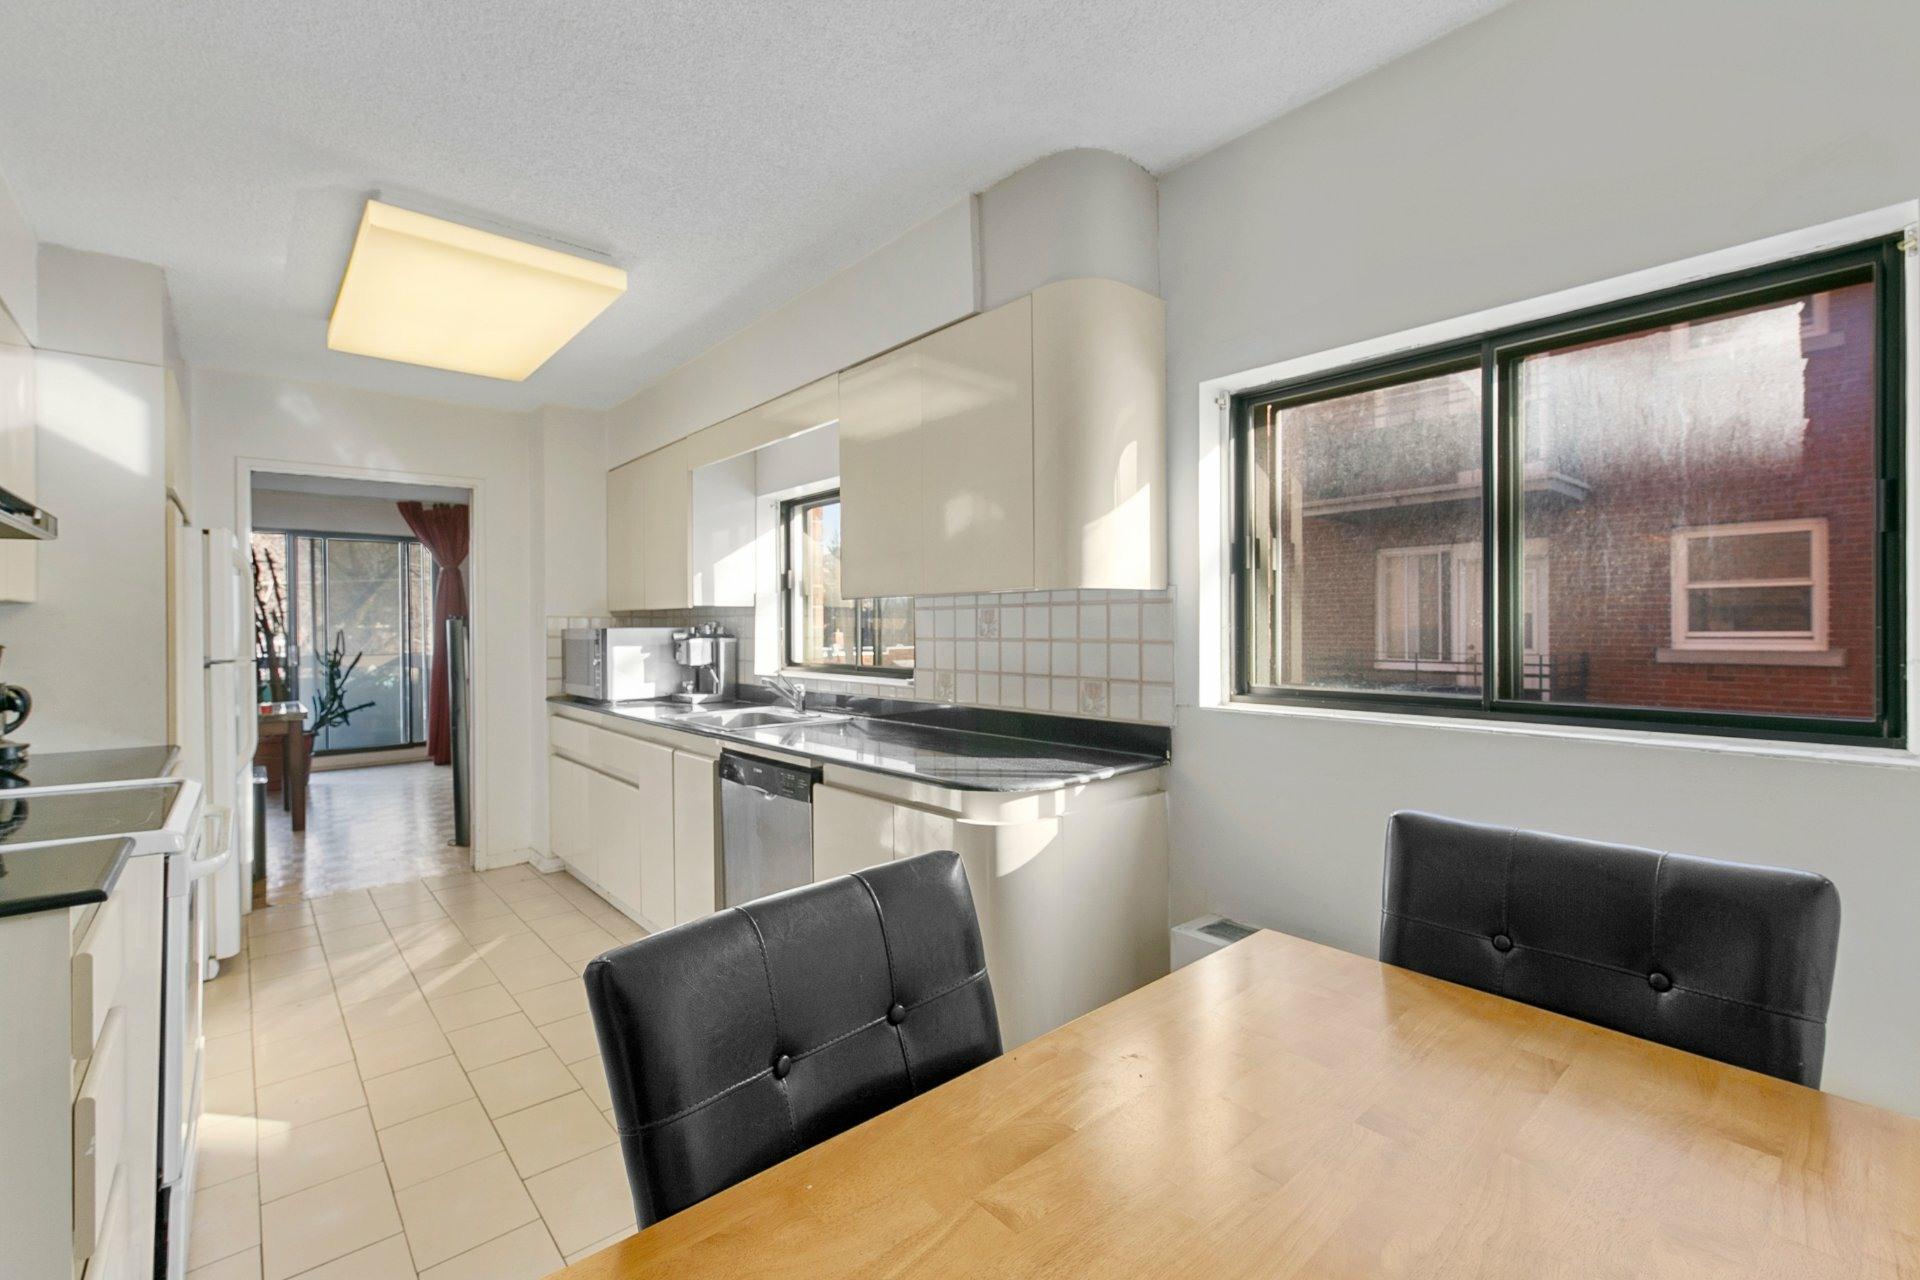 image 12 - Apartment For sale Côte-Saint-Luc - 5 rooms